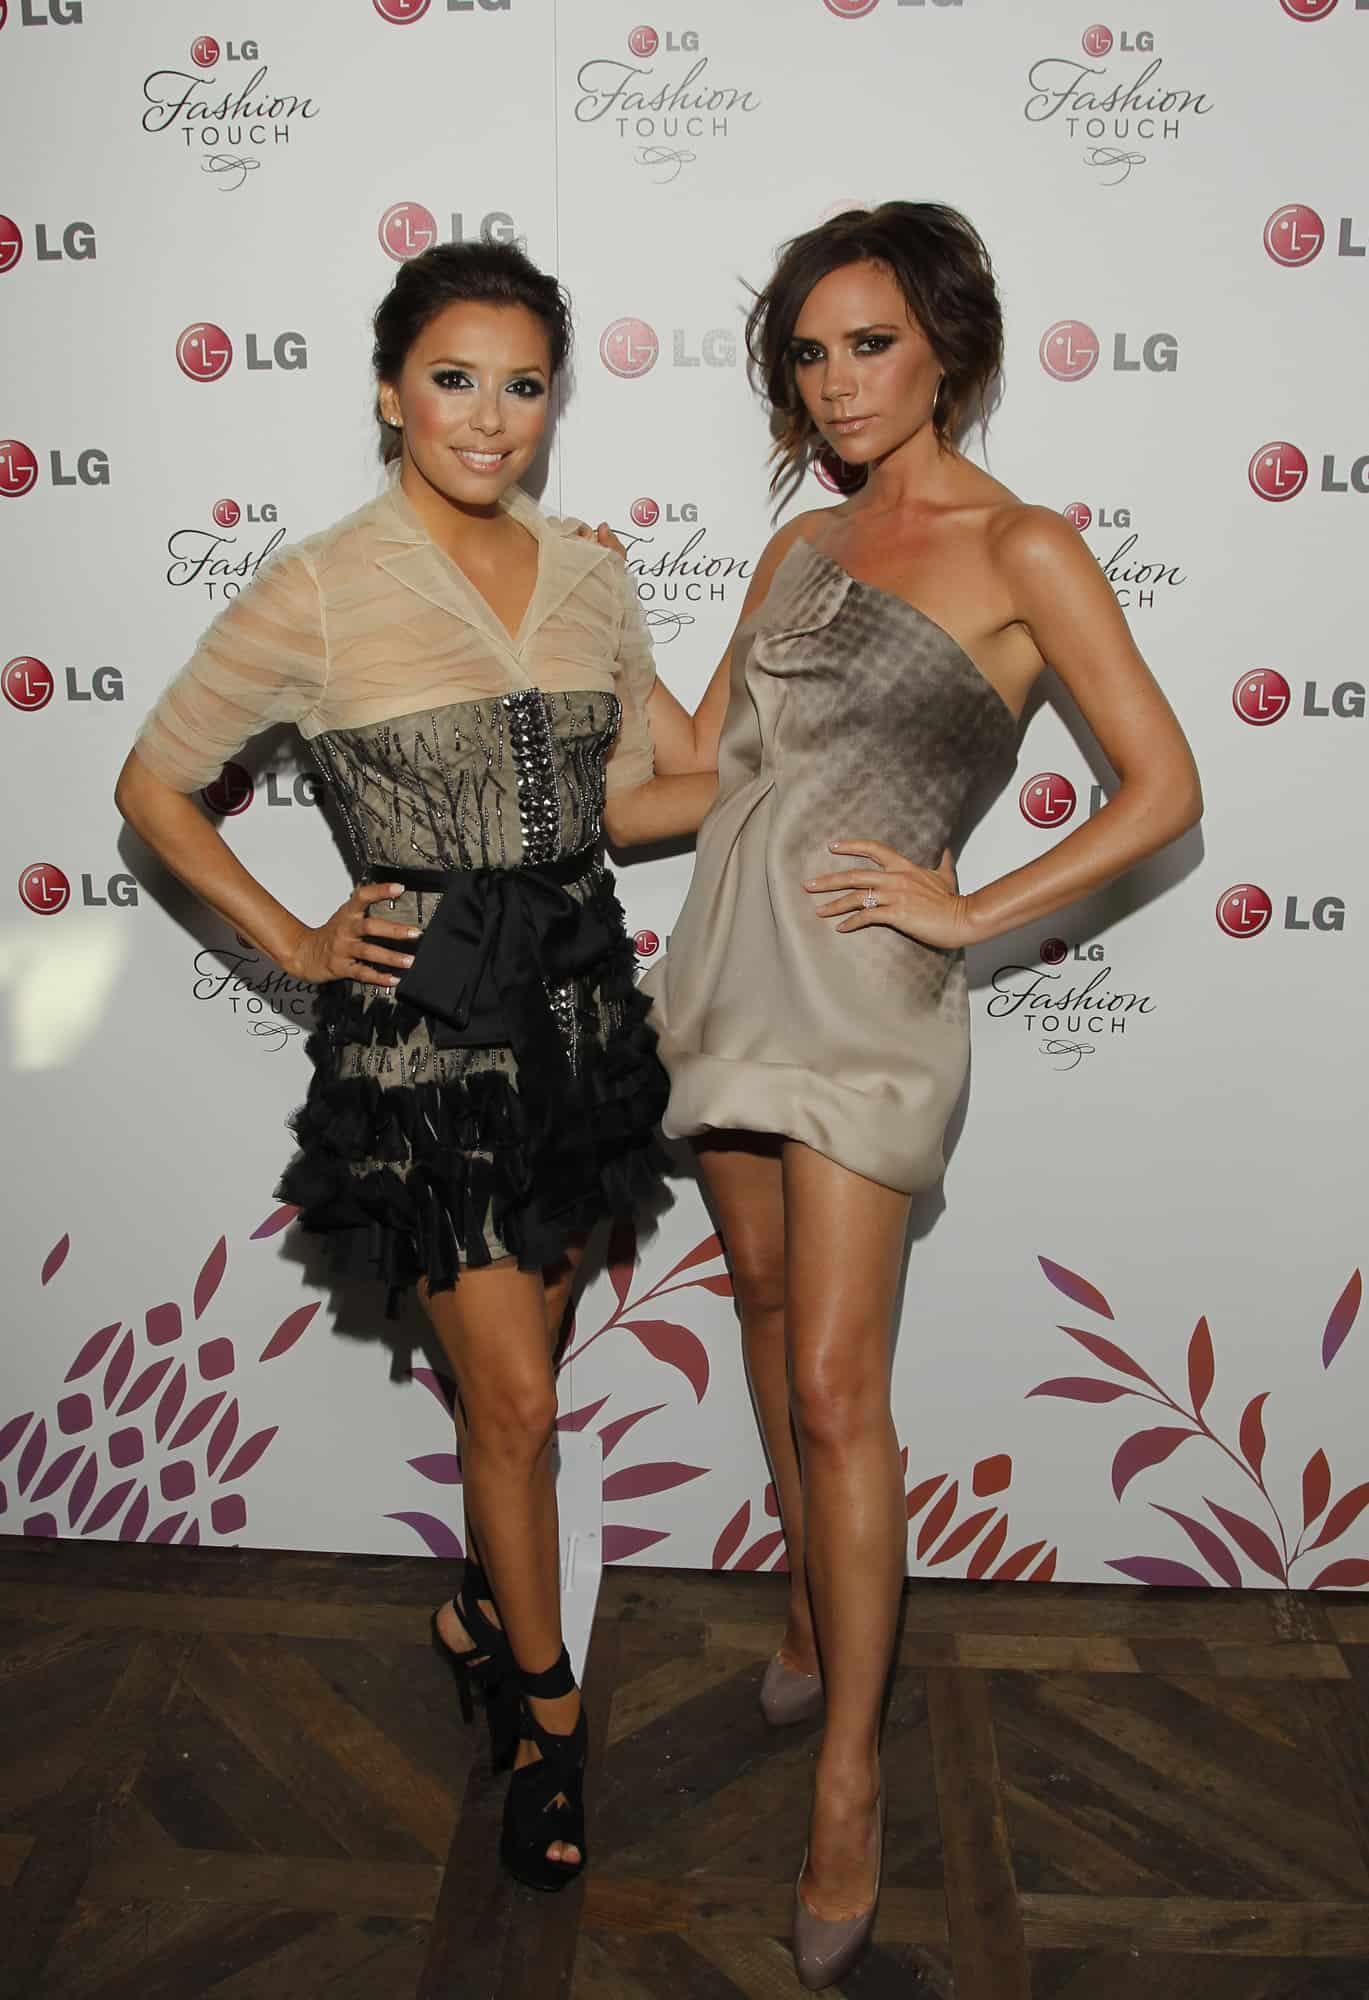 Eva Longoria Victoria Beckham Bring Style To Lg Beautelicious